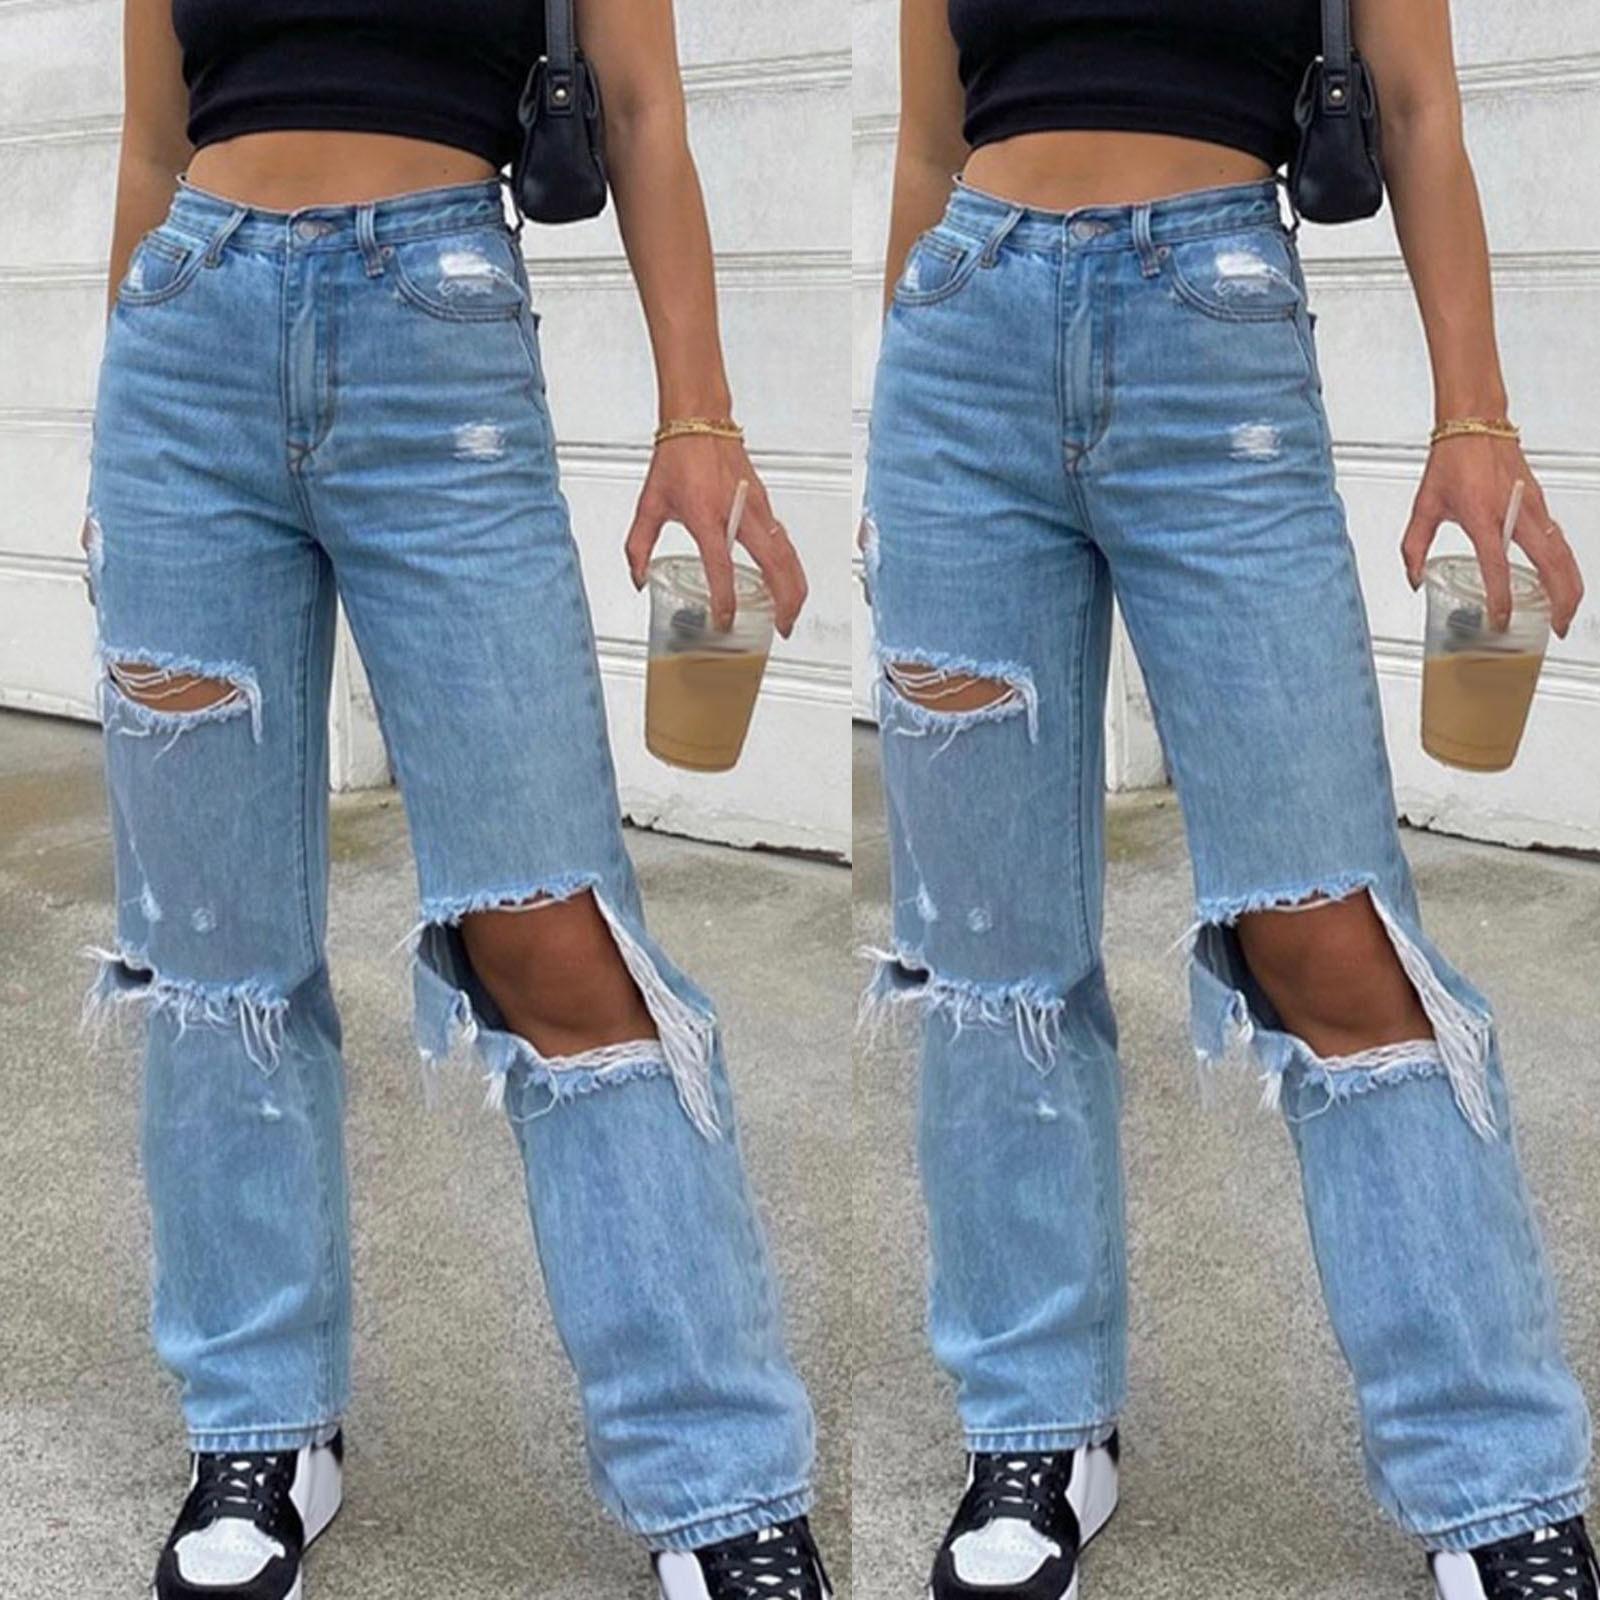 Erkek arkadaşı kot kadınlar için düğme yüksek bel cep elastik delik kot pantolon gevşek Denim pantolon Широкие Джинсы